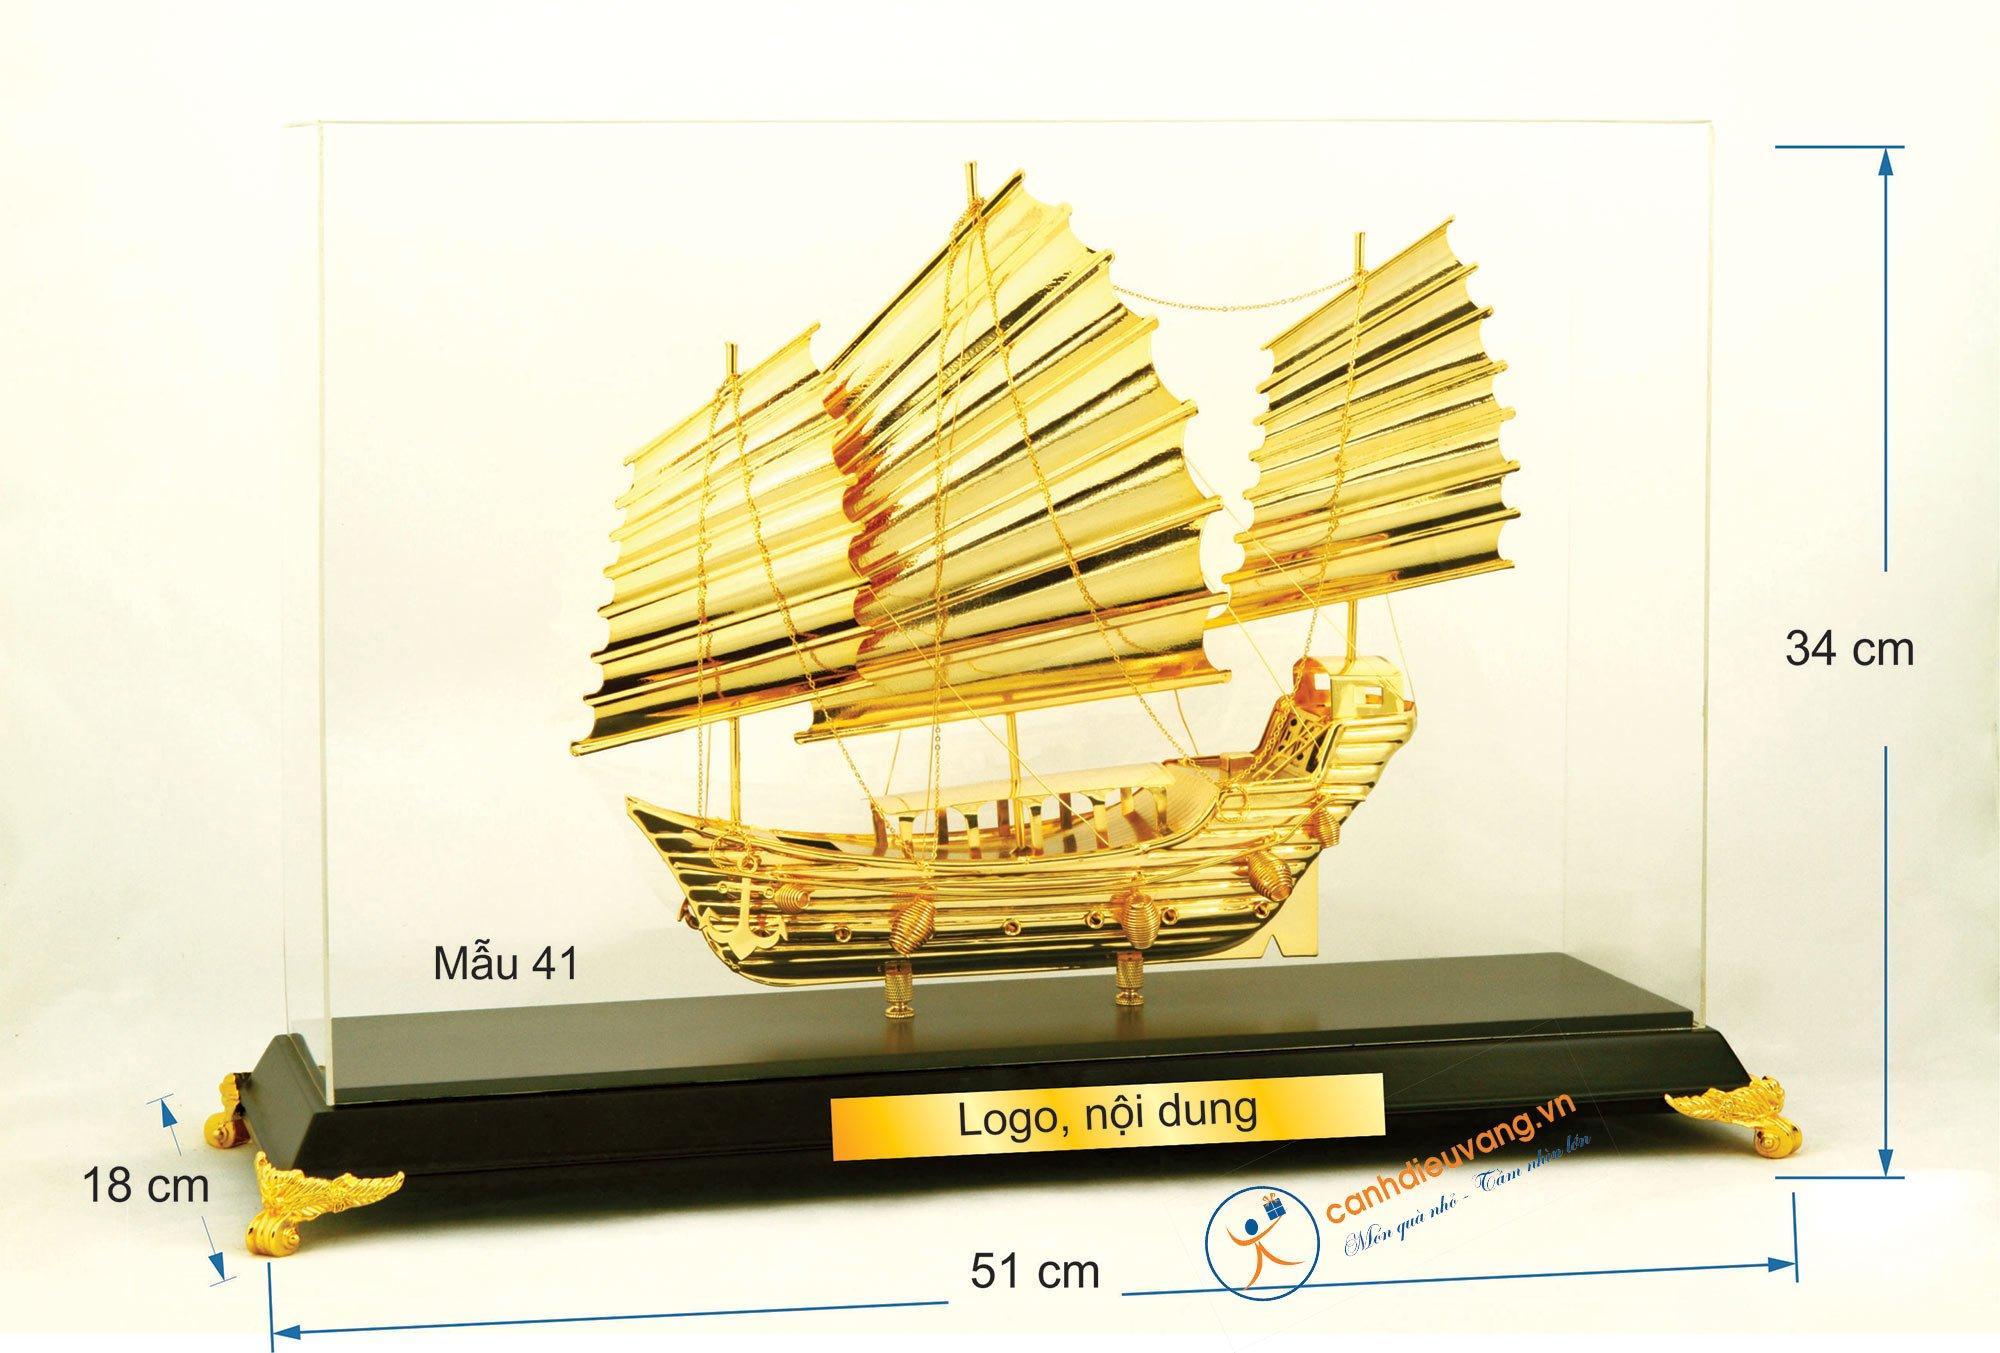 Thuyền buồm mạ vàng cỡ đại 41